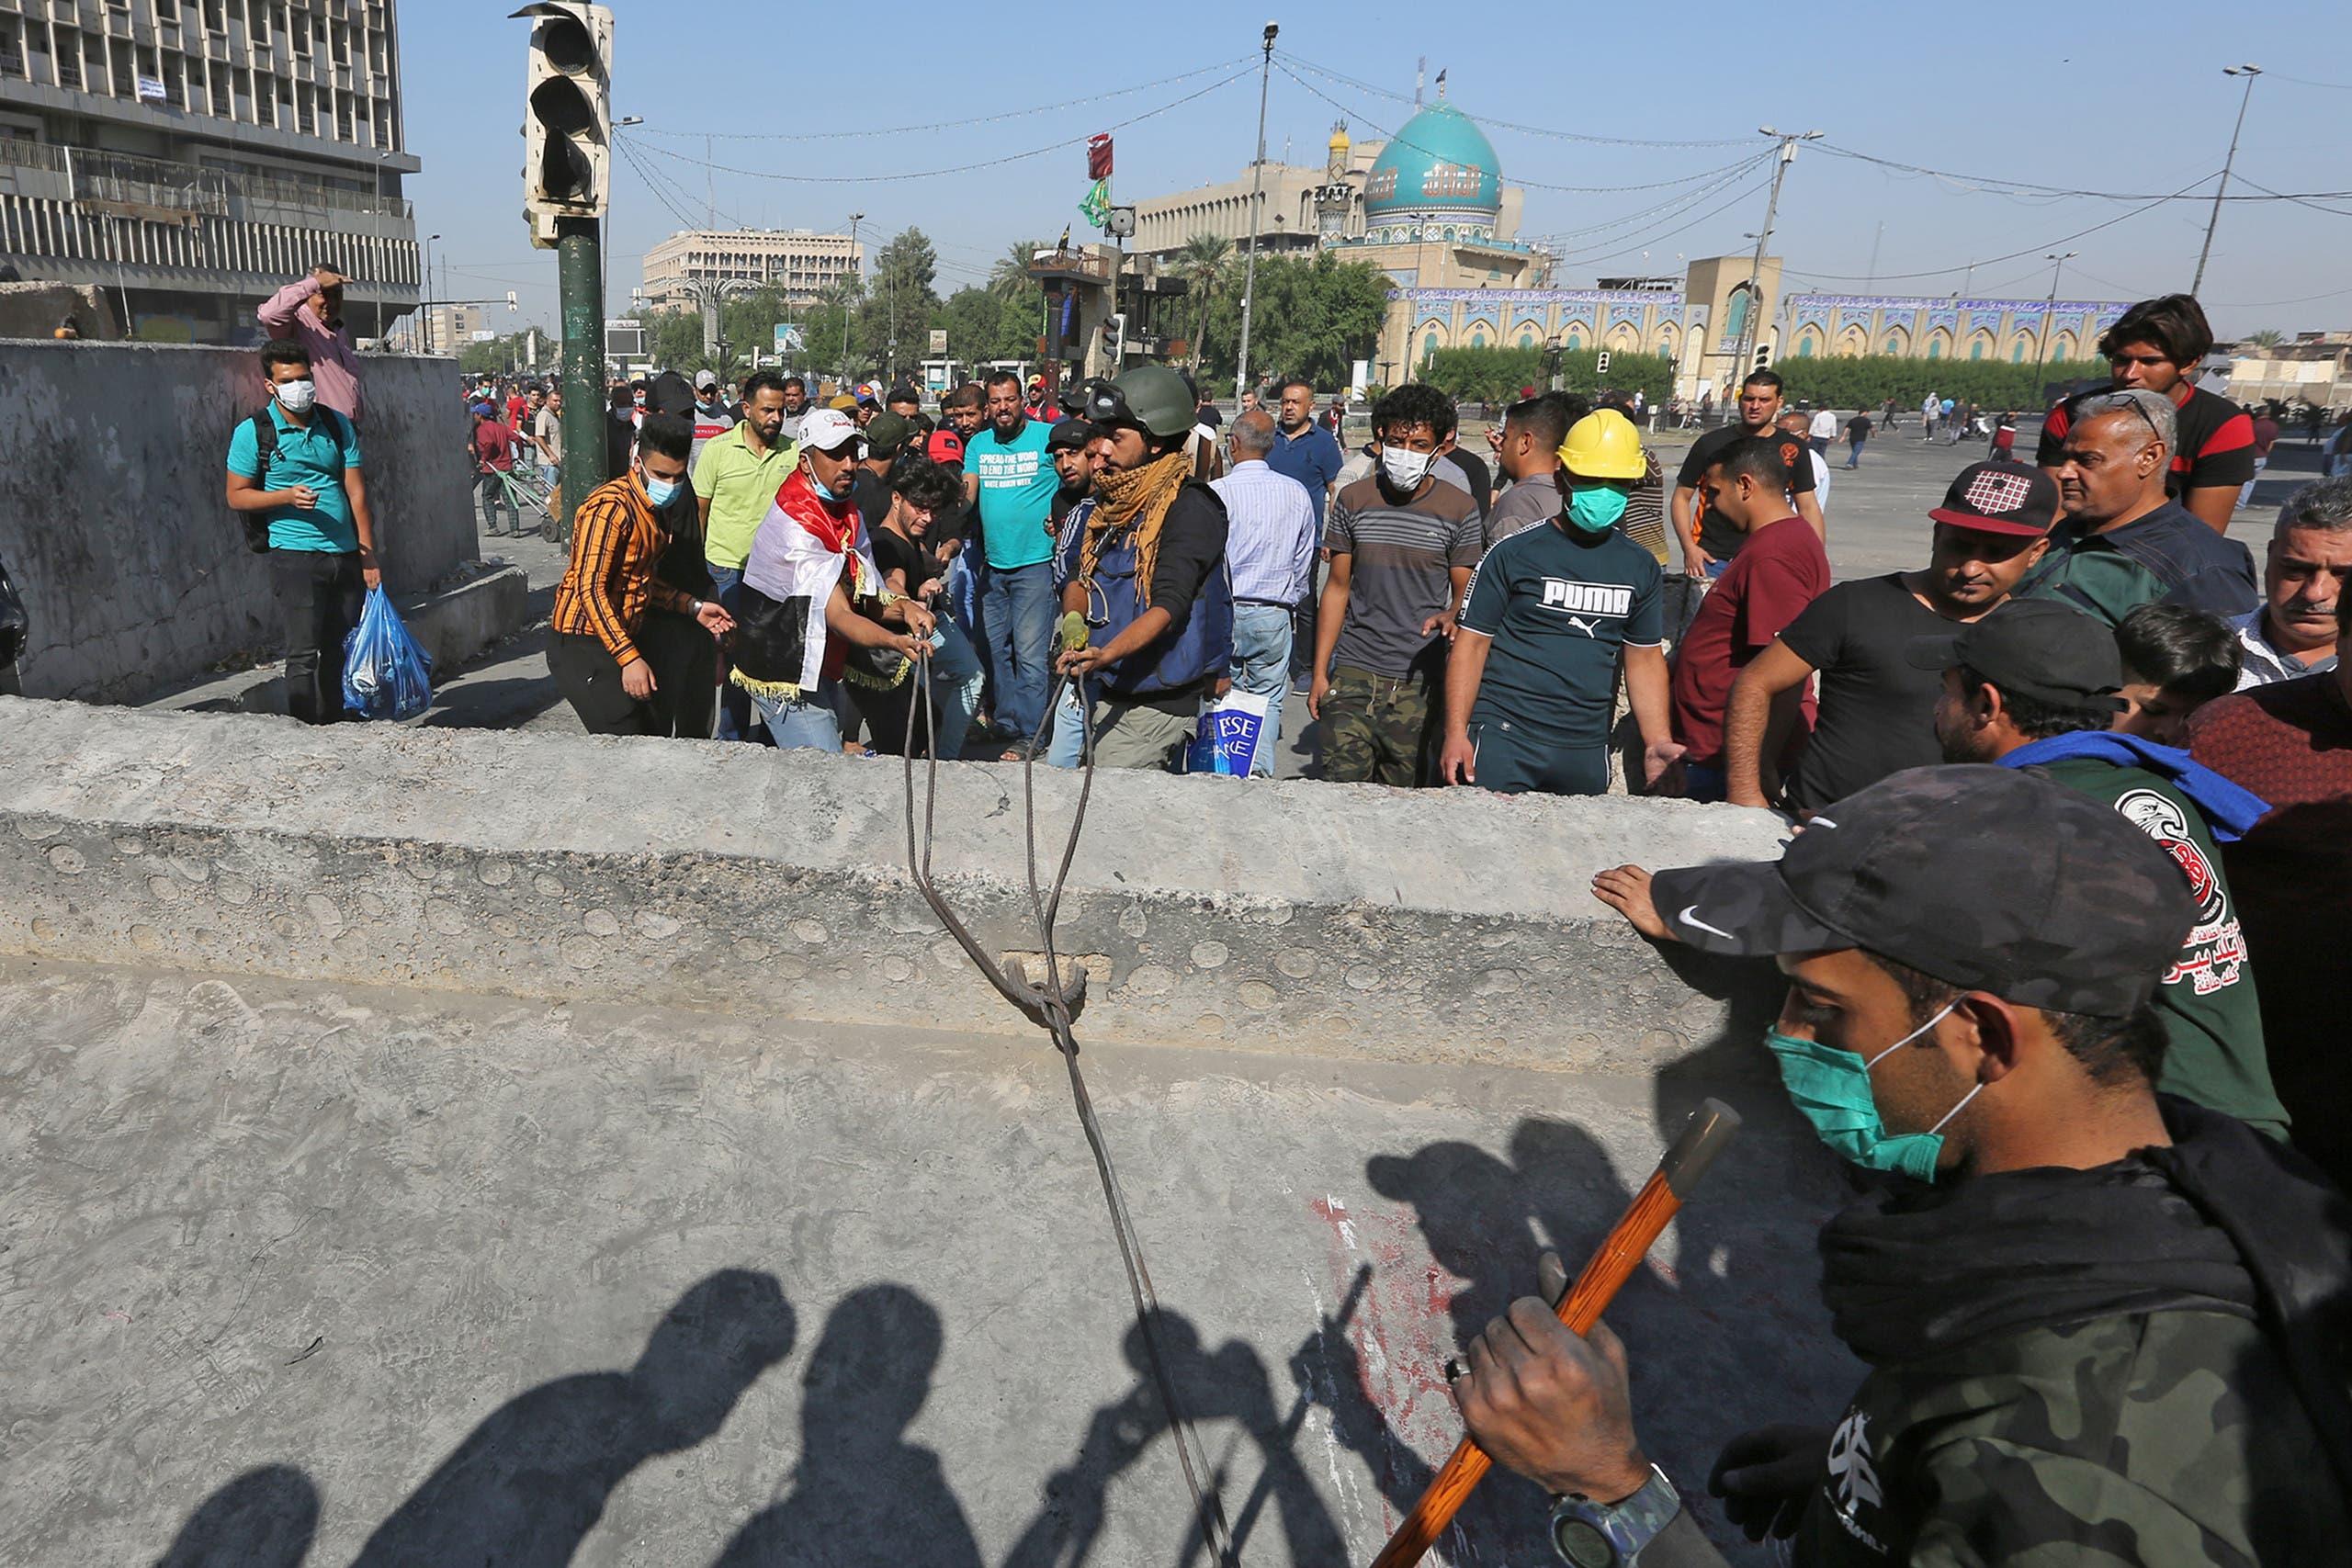 المتظاهرون يزيلون الحواجز التي أقامتها قوات الأمن بساحة الخلاني السبت